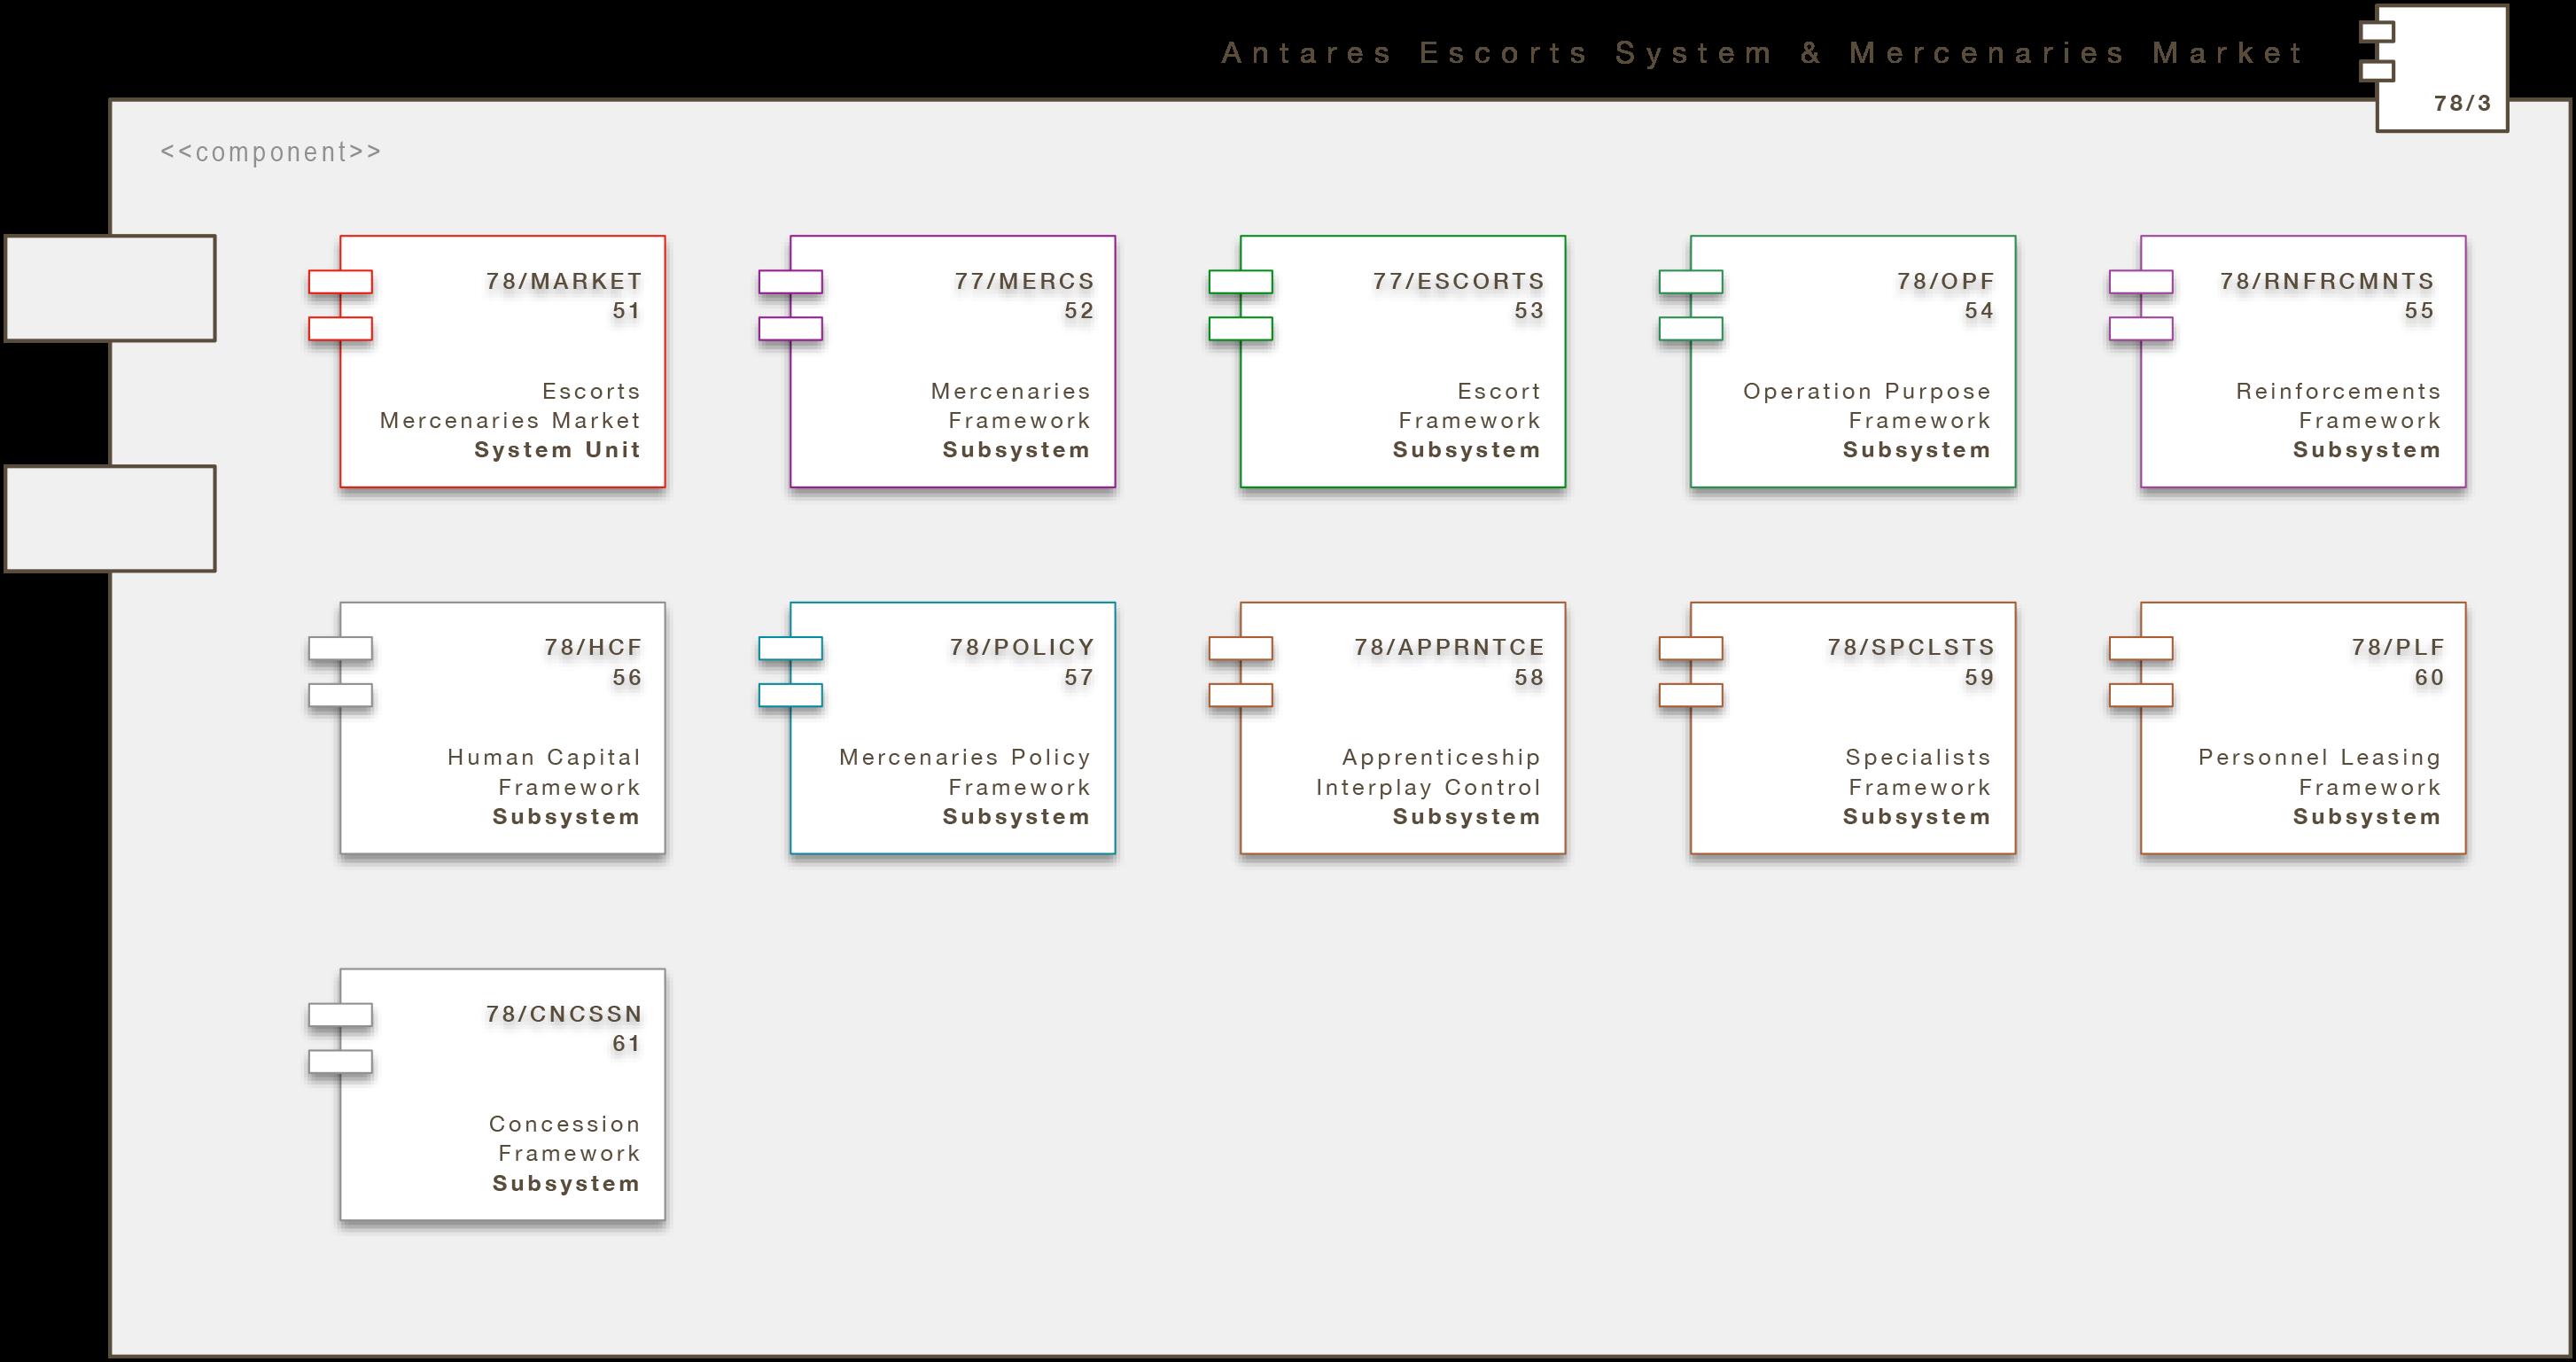 Core Engine Modul: Antares Escorts System & Mercenaries Market (A/ESCRTS/MERCS)